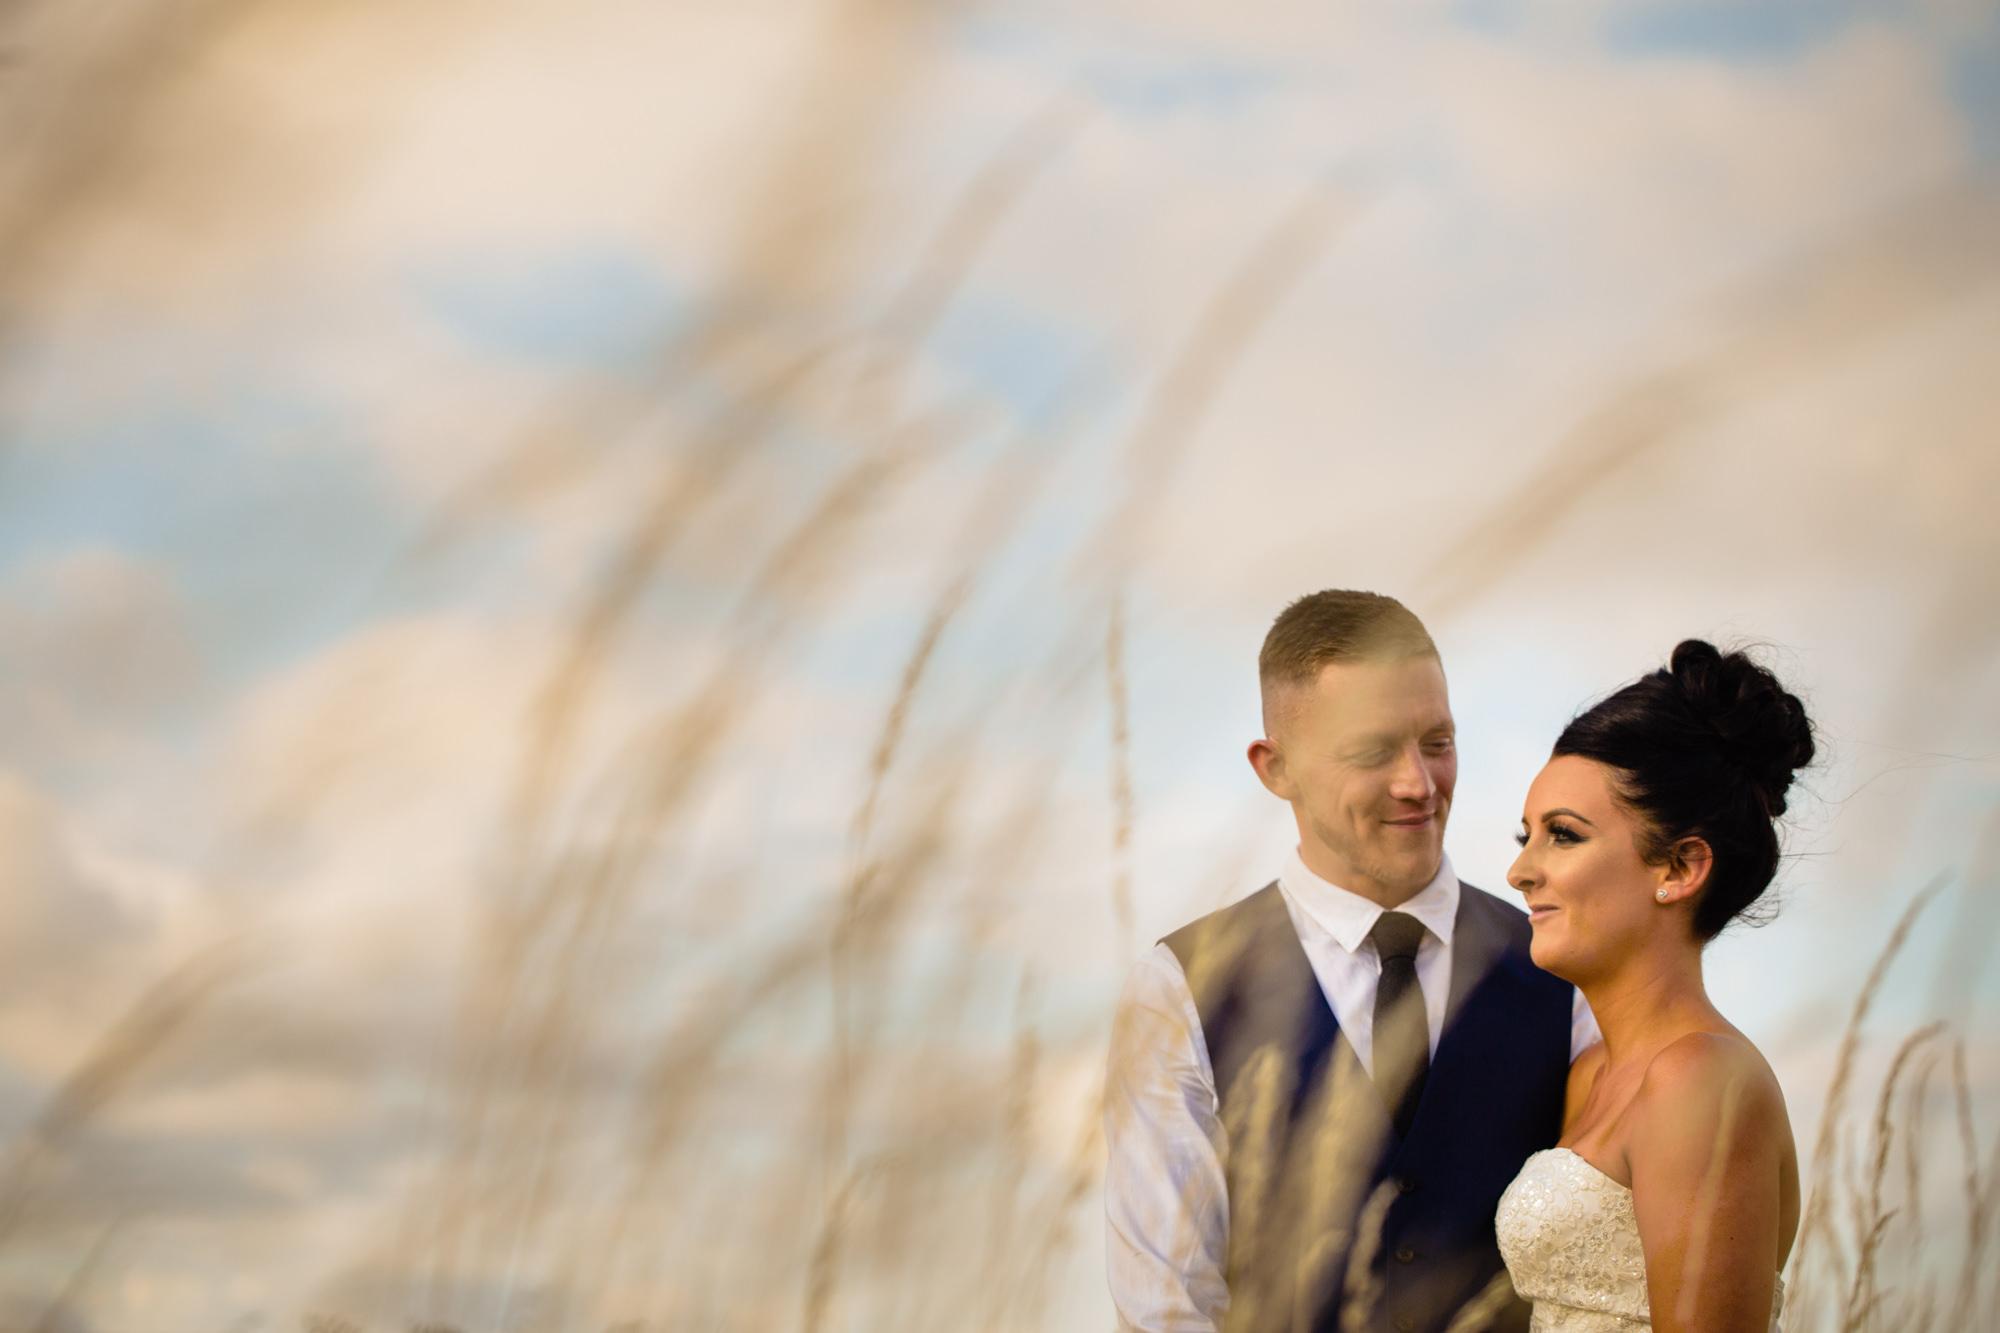 wedding portraits. huntsman inn wedding photography by emma and rich.